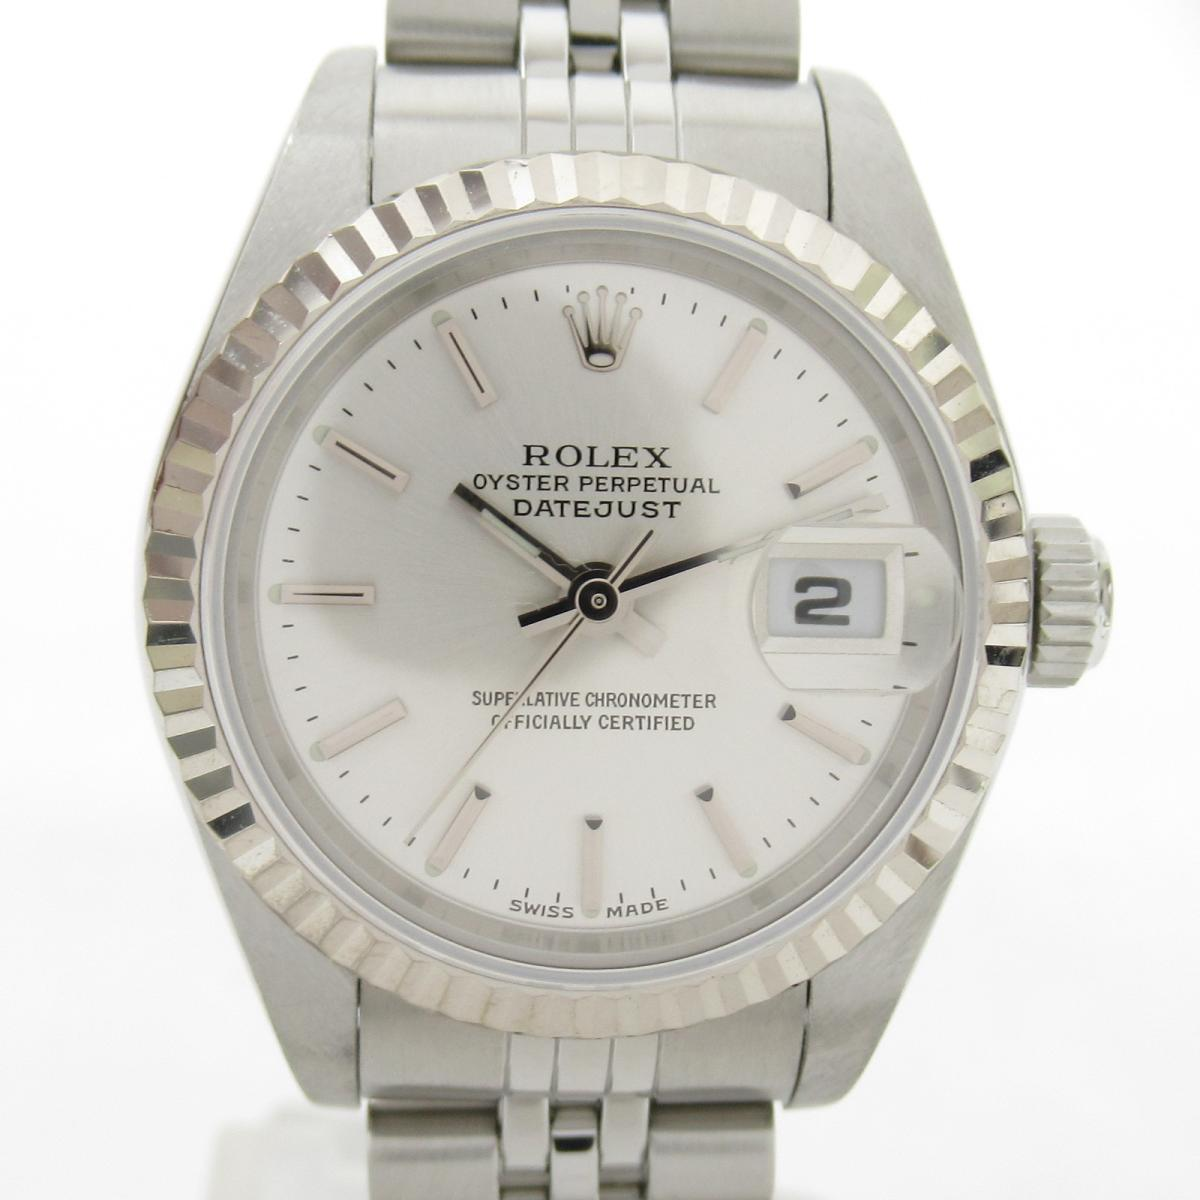 ≪期間限定≫メルマガ登録でクーポンGET! 【中古】 ロレックス デイトジャスト ウォッチ 腕時計 レディース K18WG (750)ホワイトゴールド ステンレススチール (SS) (79174 F番) | ROLEX BRANDOFF ブランドオフ ブランド ブランド時計 ブランド腕時計 時計